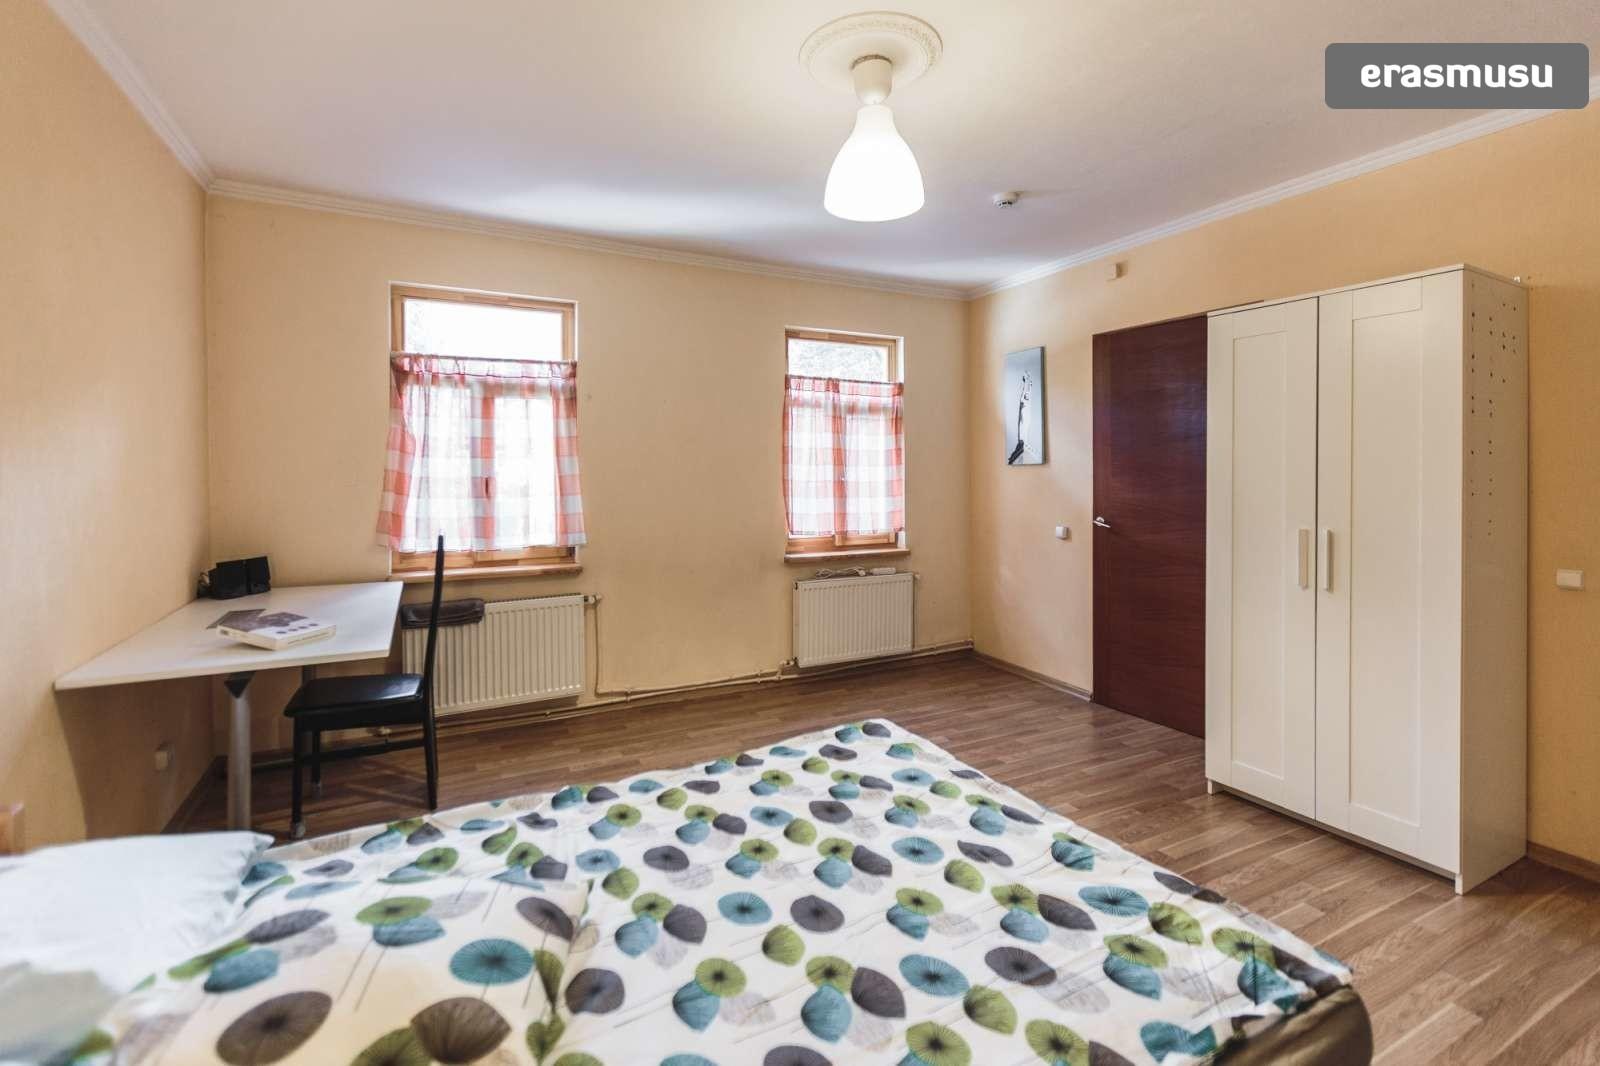 stylish-studio-apartment-rent-avoti-bcd8ad4194ec8f2a83685972f2aa